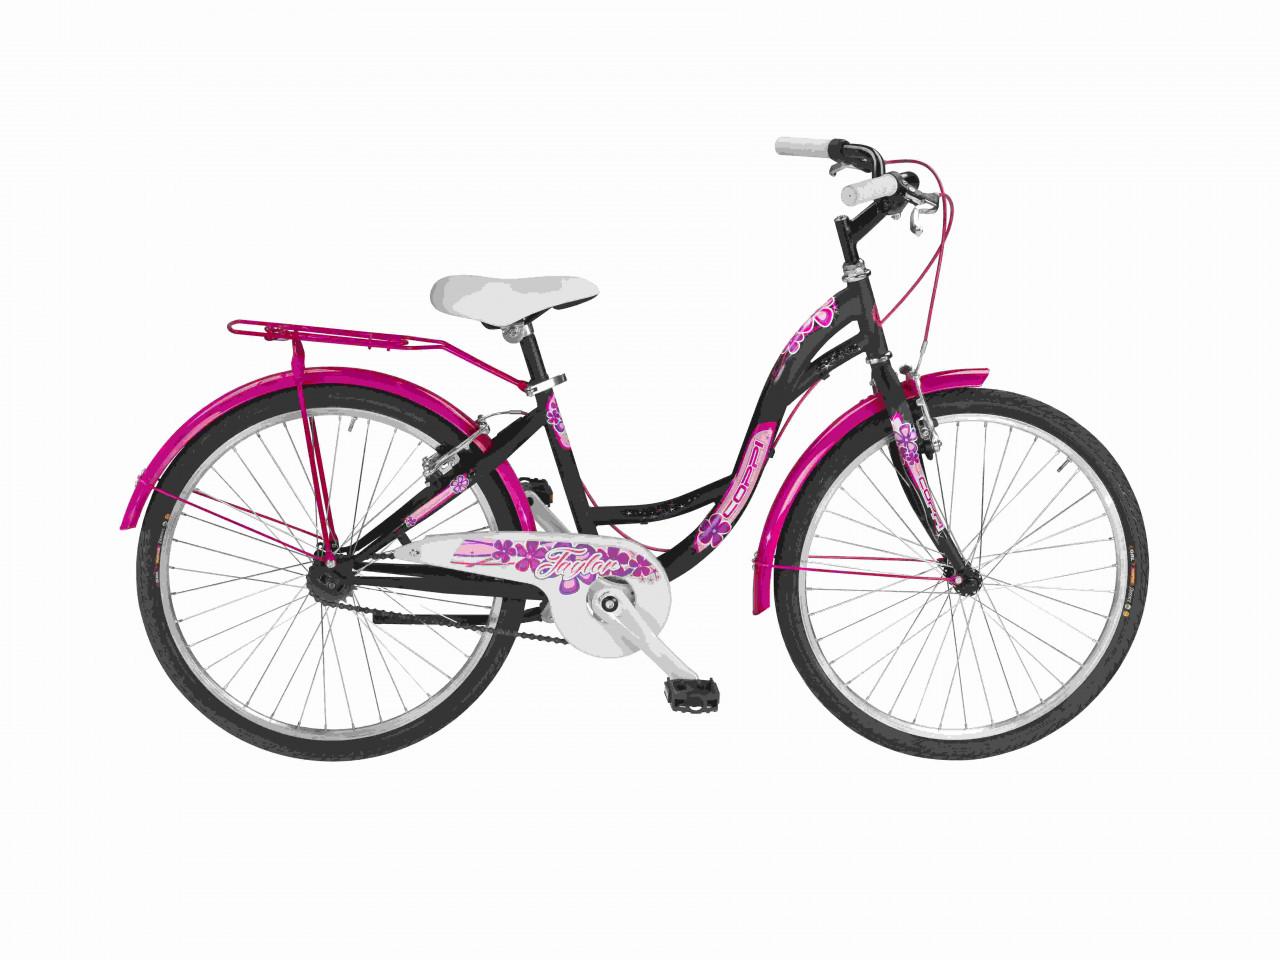 24 Zoll Mädchen Fahrrad Coppi Taylor Single Speed